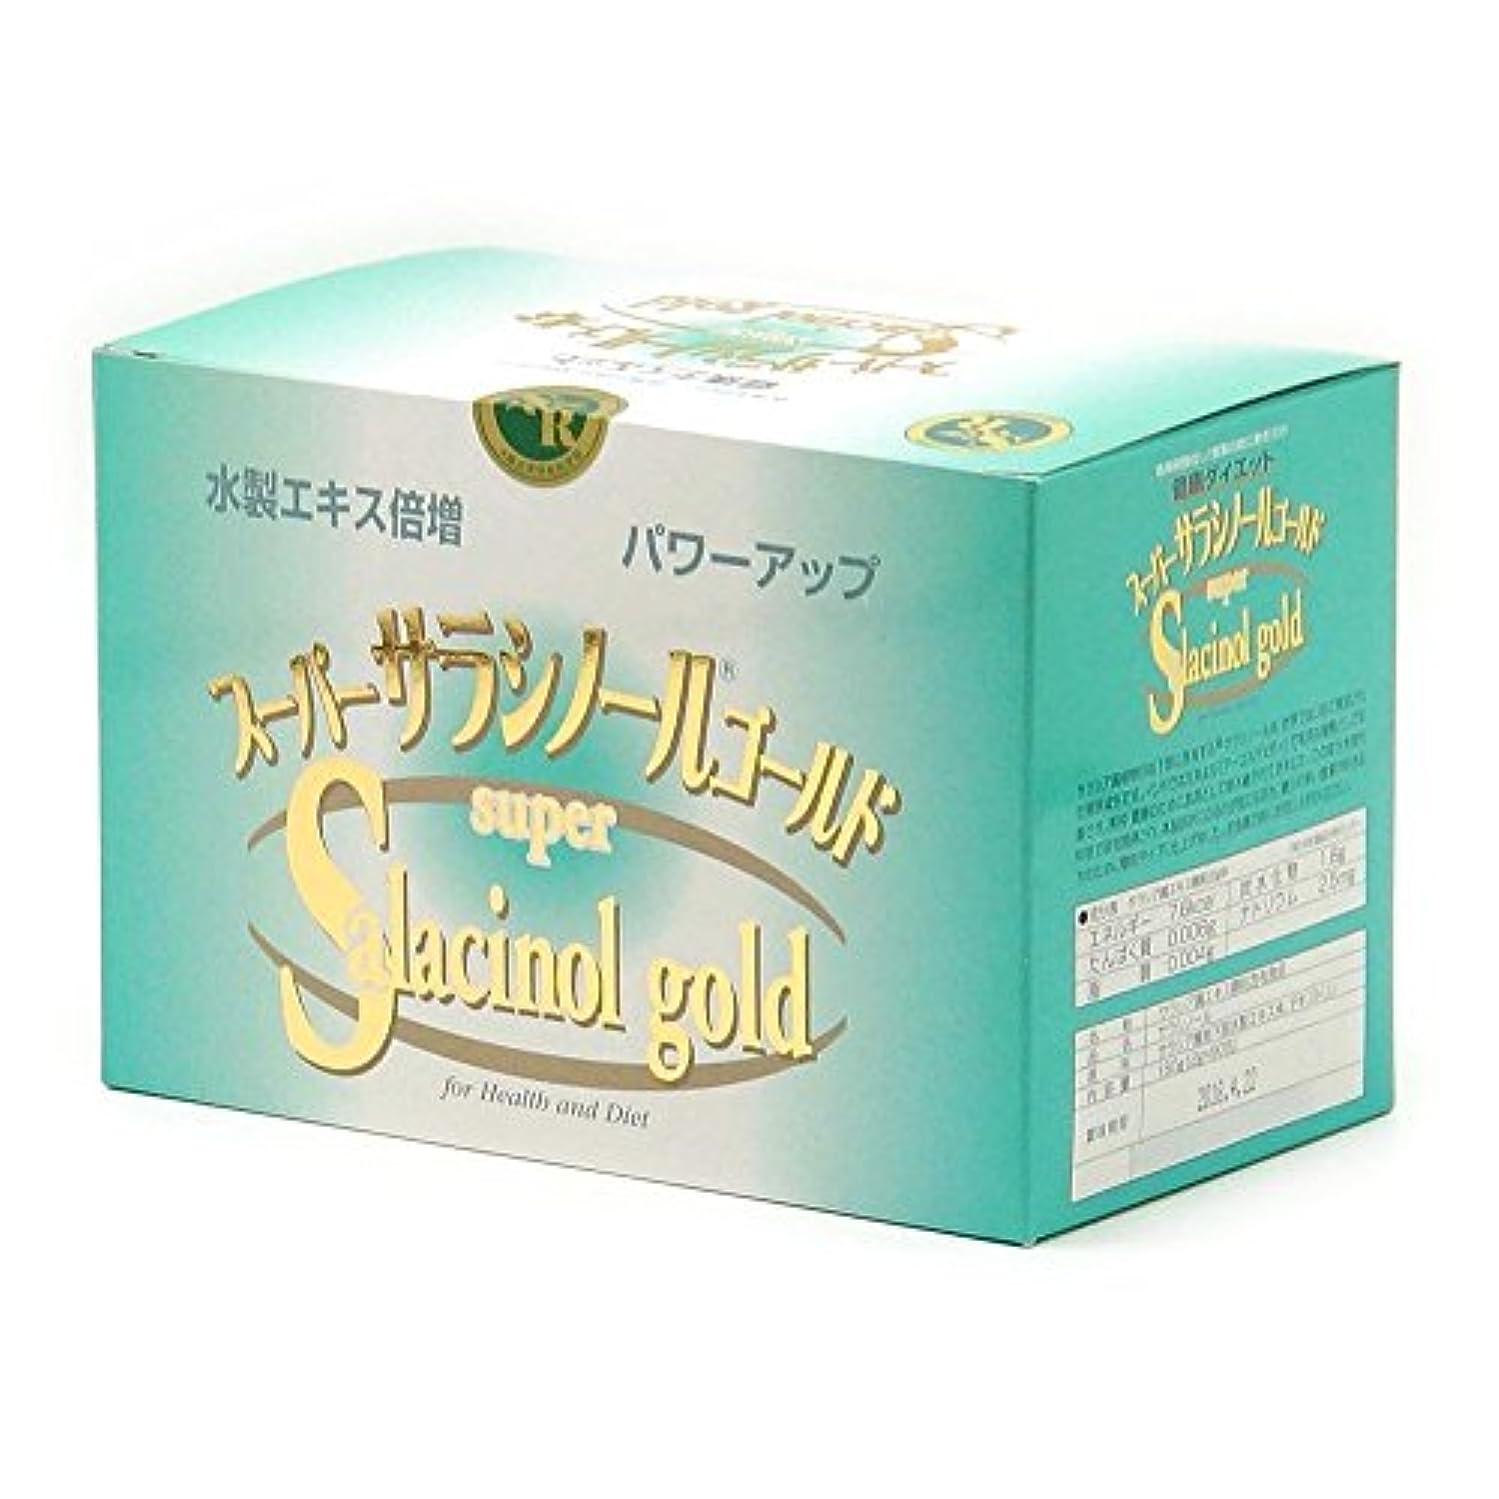 風が強い検索エンジン最適化おもてなしスーパーサラシノールゴールド 2g×90包×3箱セット